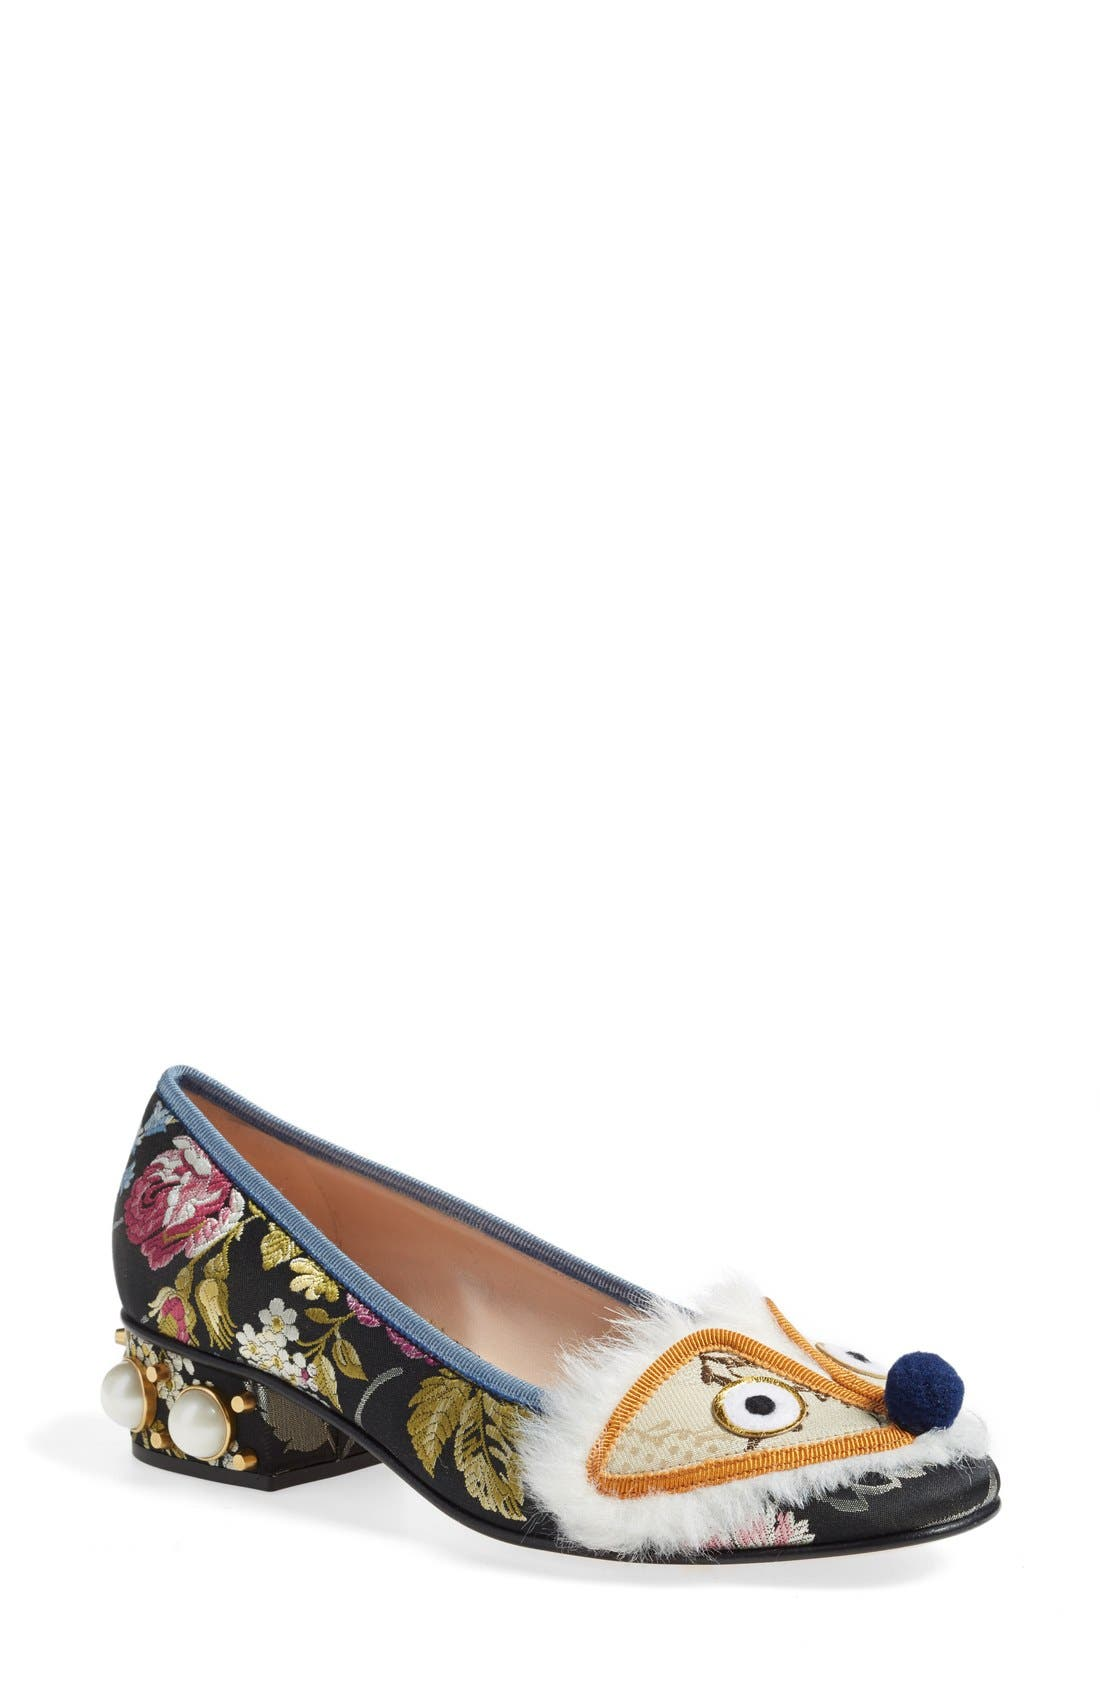 Main Image - Gucci 'Kimberly' Embellished Pump (Women)